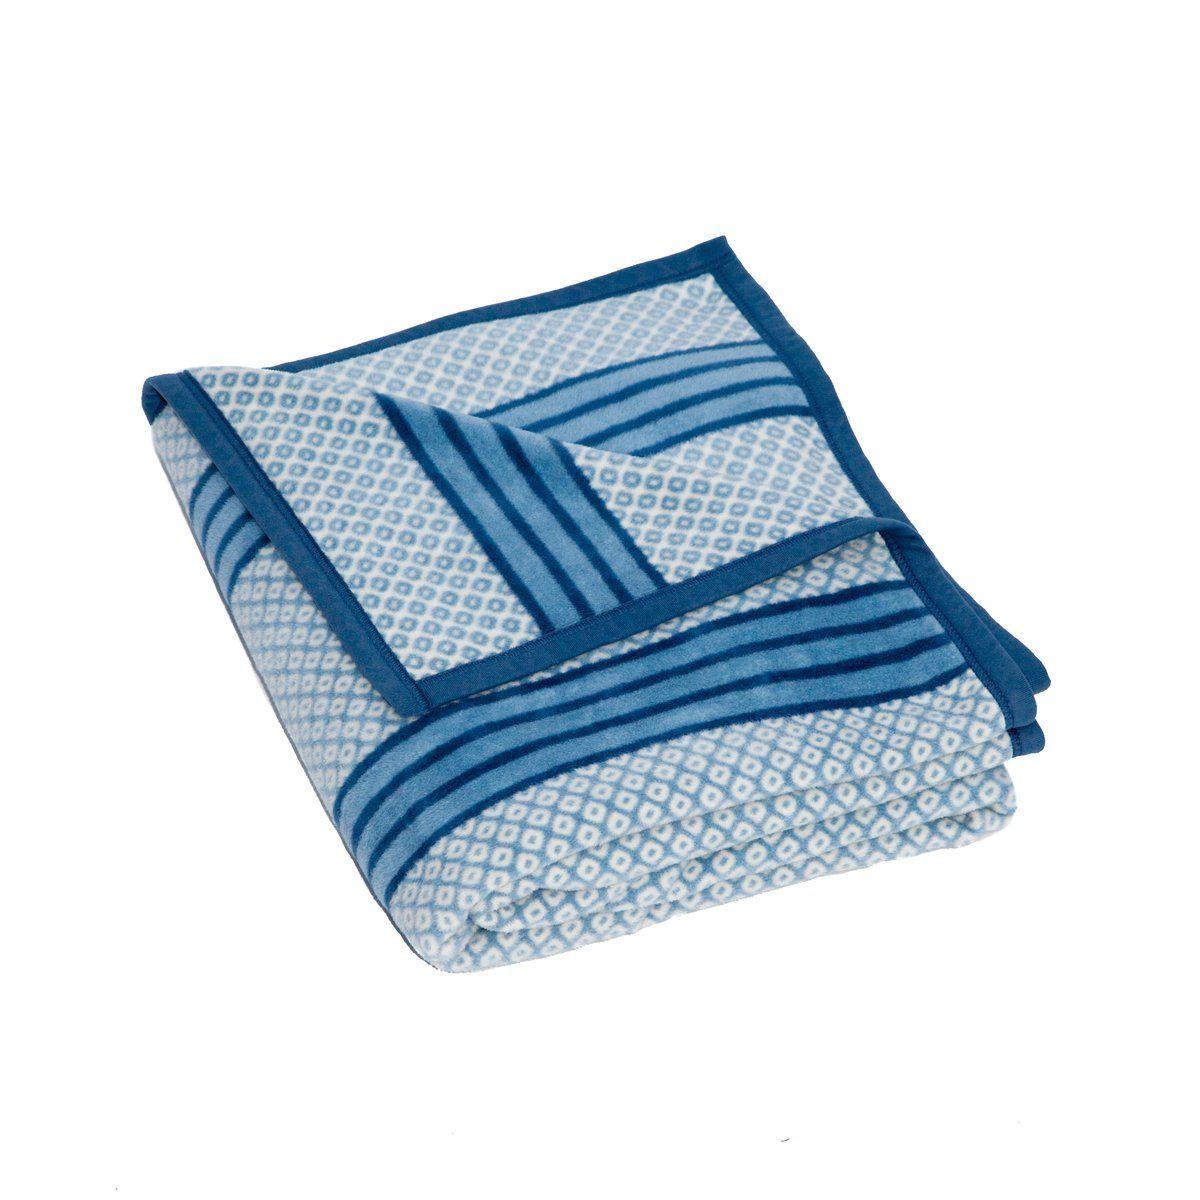 Captain S Classic Light Blue Blanket Blue Blanket Classic